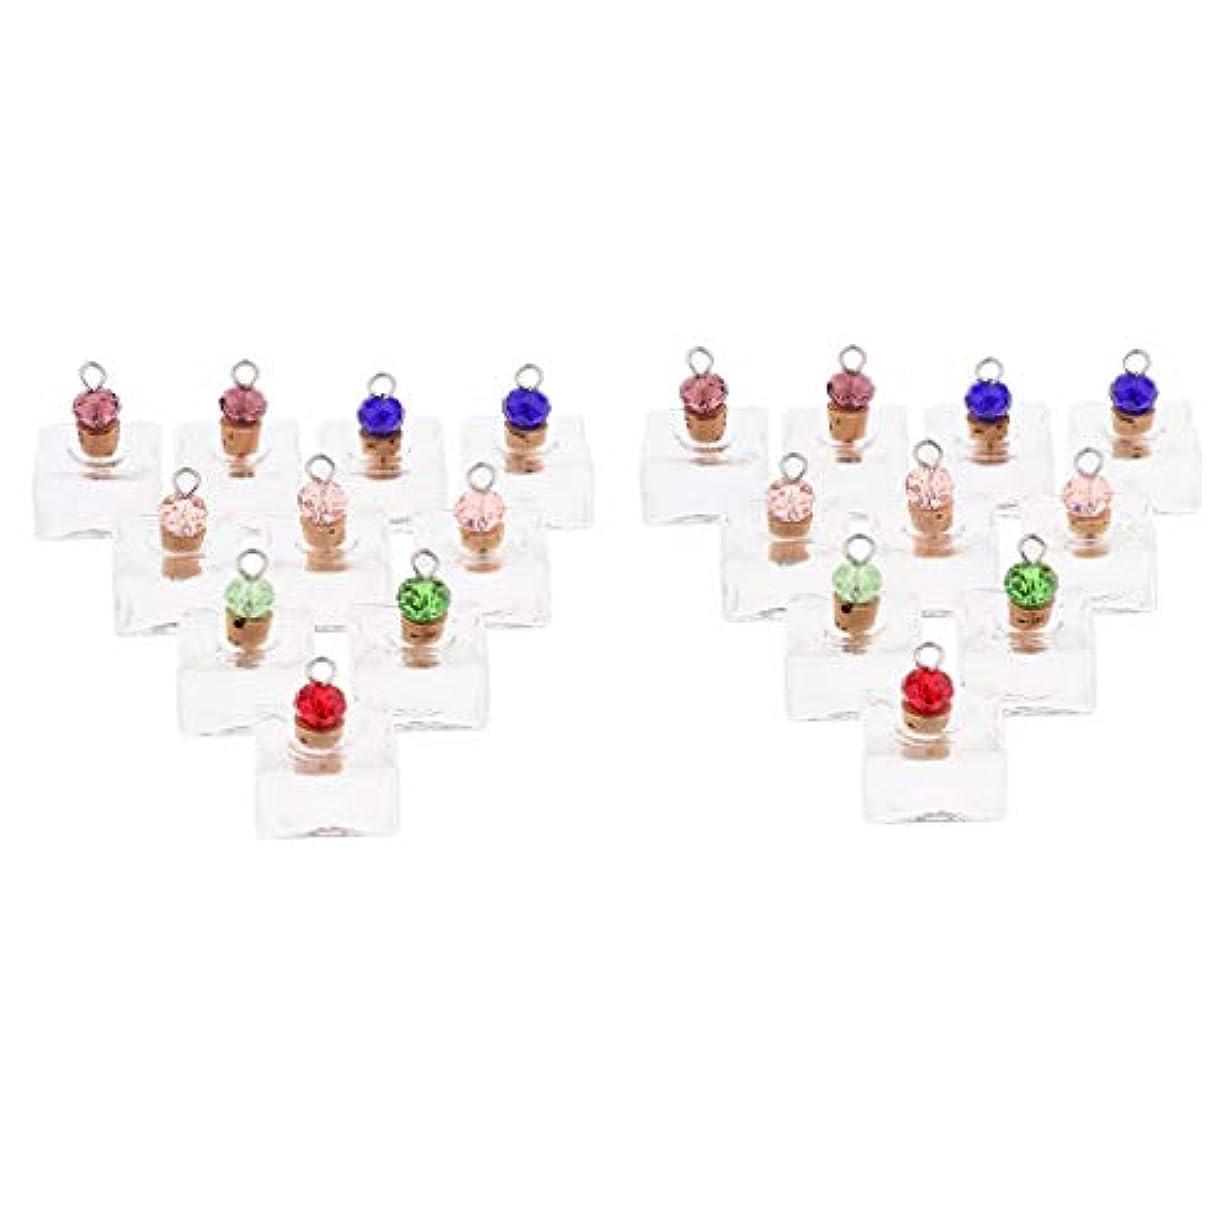 未亡人数支給香水 ペンダント ネックレス アロマ ガラス容器 香水瓶 ボトル エッセンシャルオイル